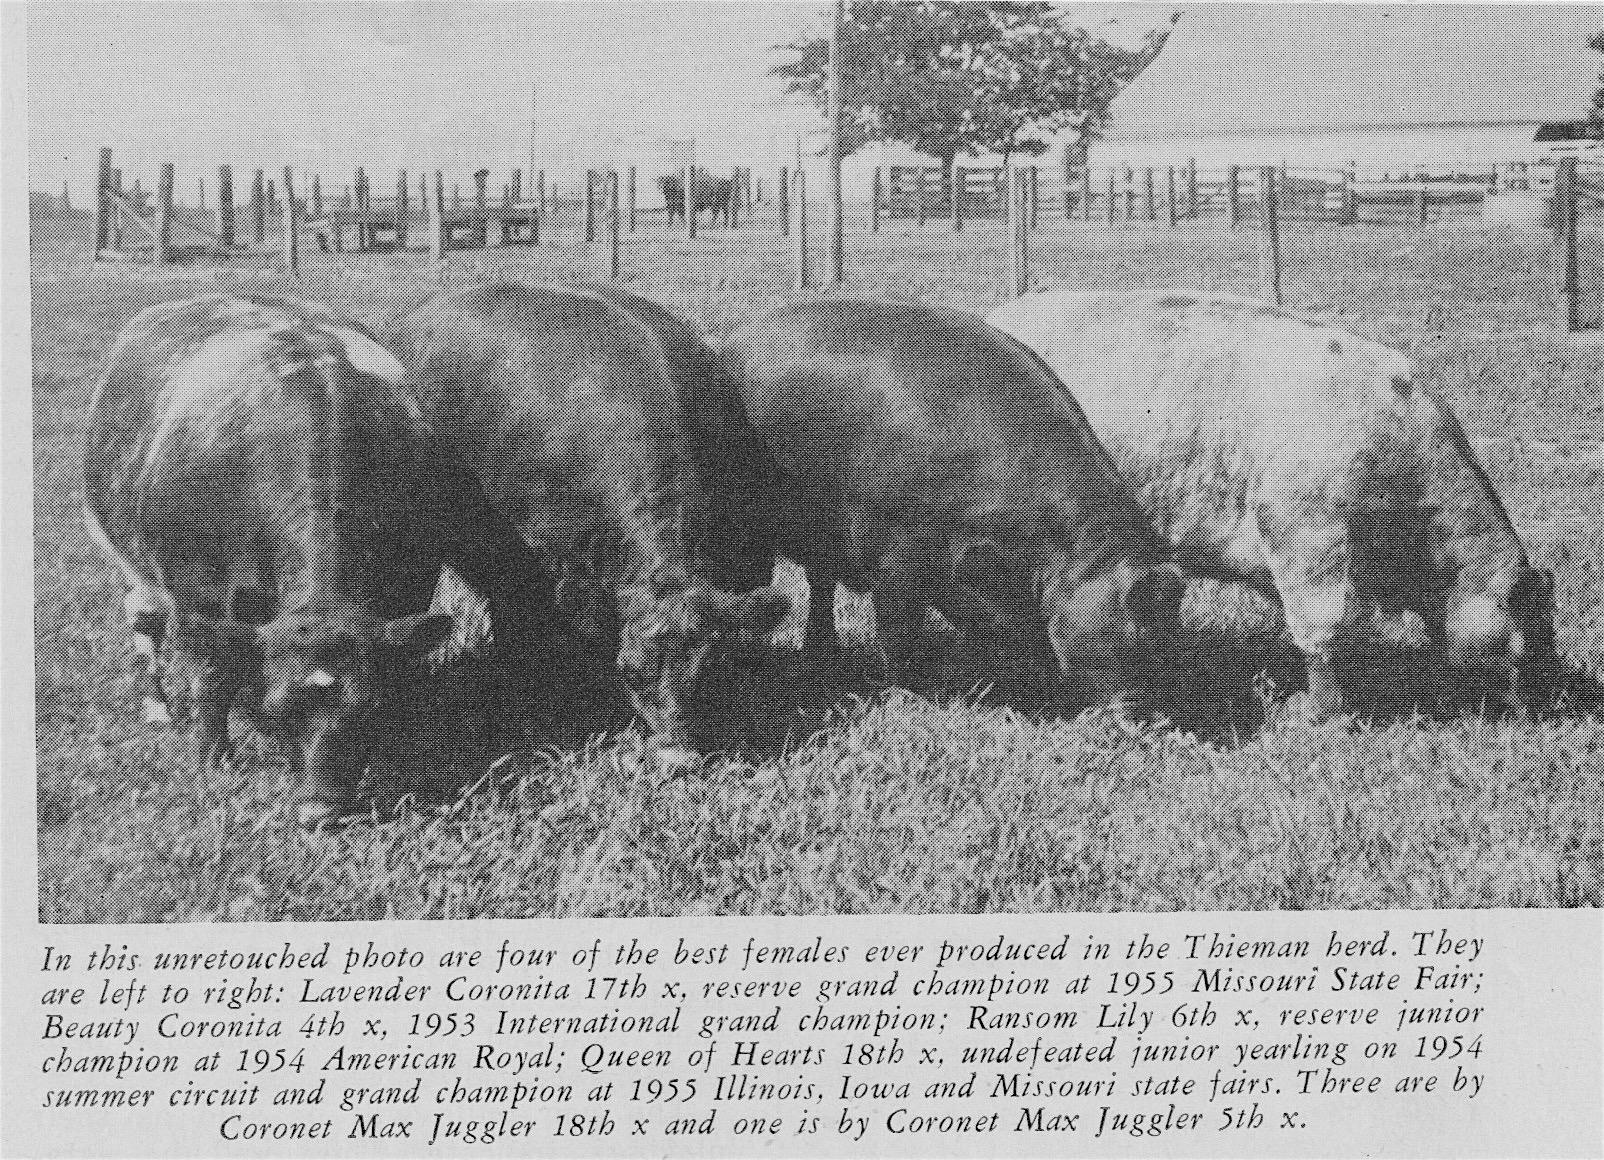 4 Thieman Cows